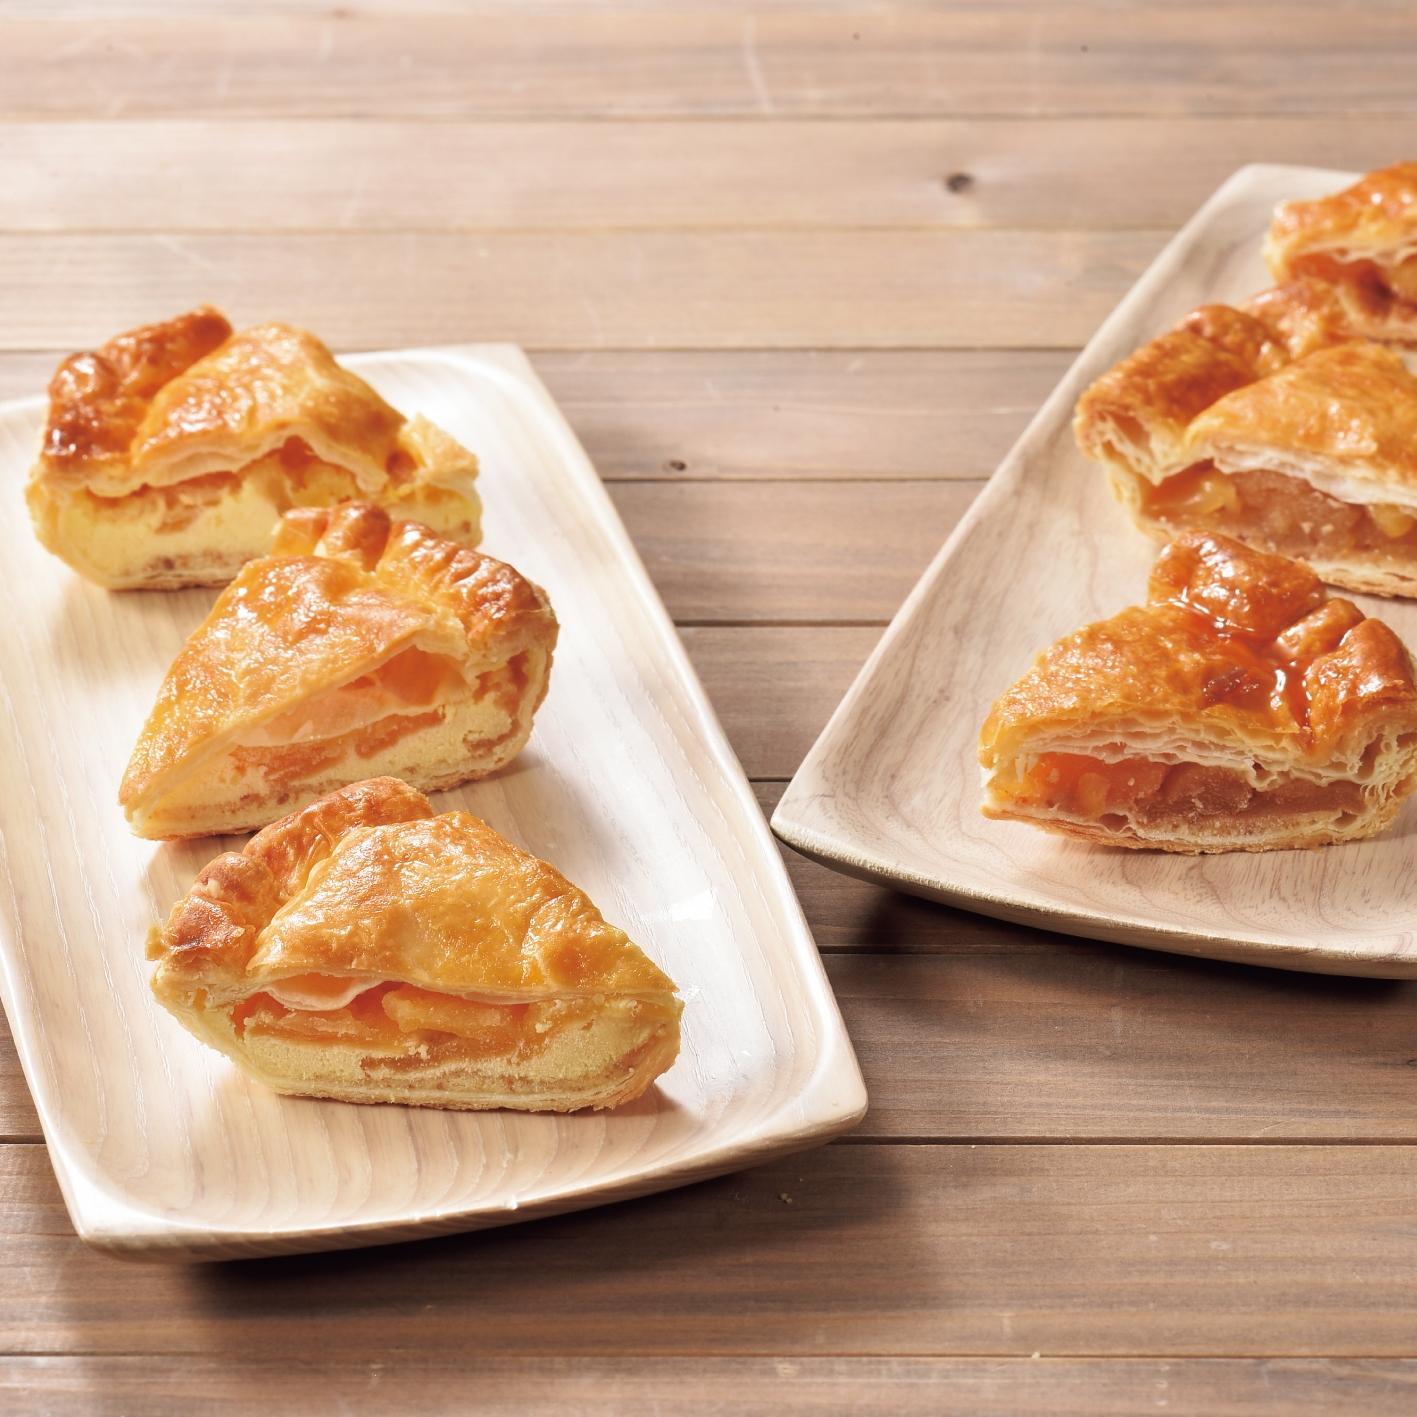 アップルパイ・クリームチーズアップルパイセット